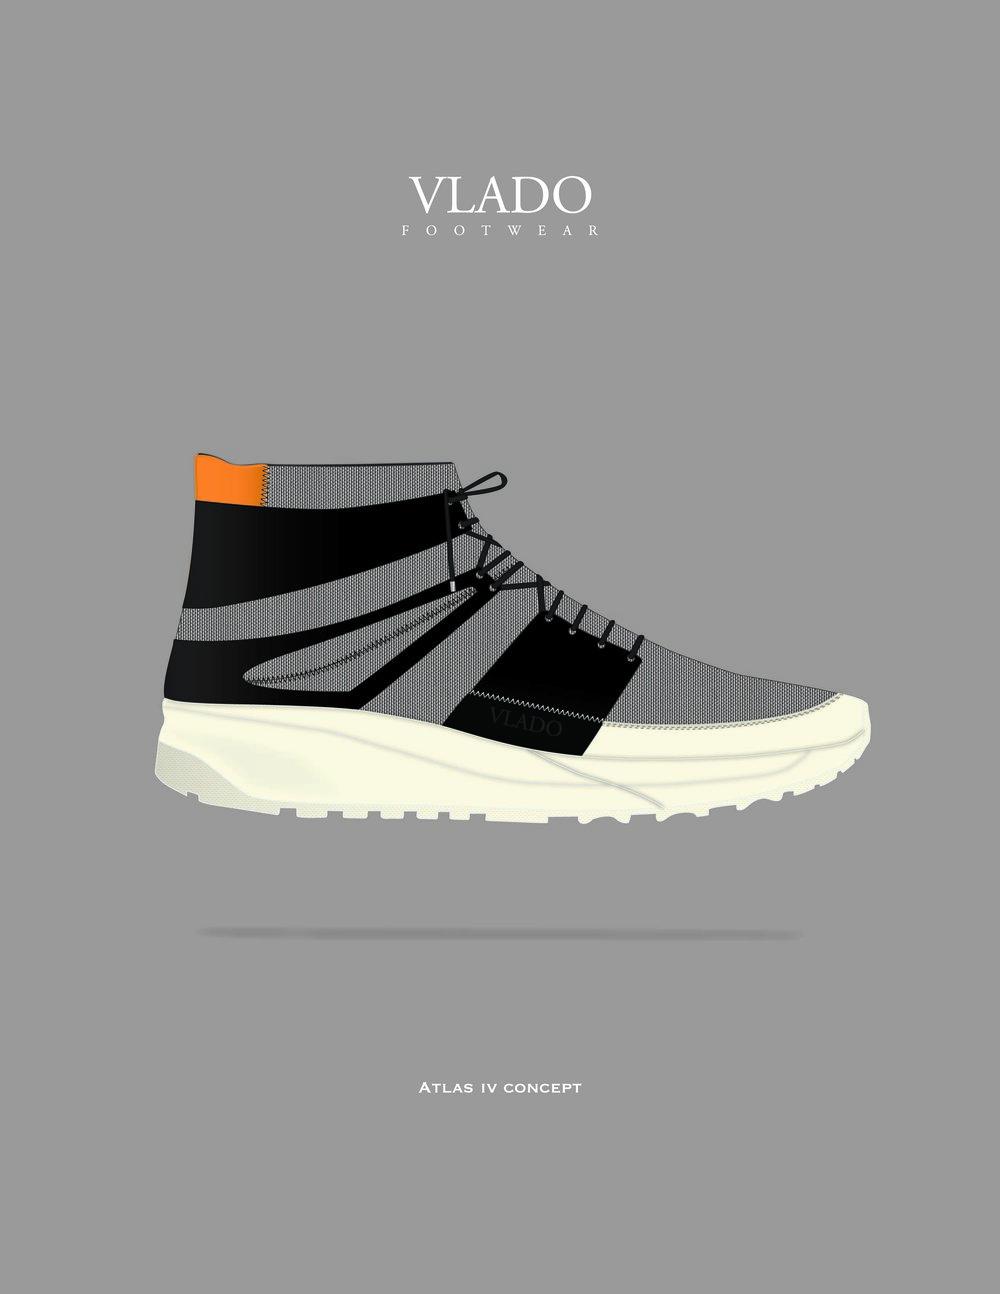 Vlado 2018 Atlas copy-13.jpg